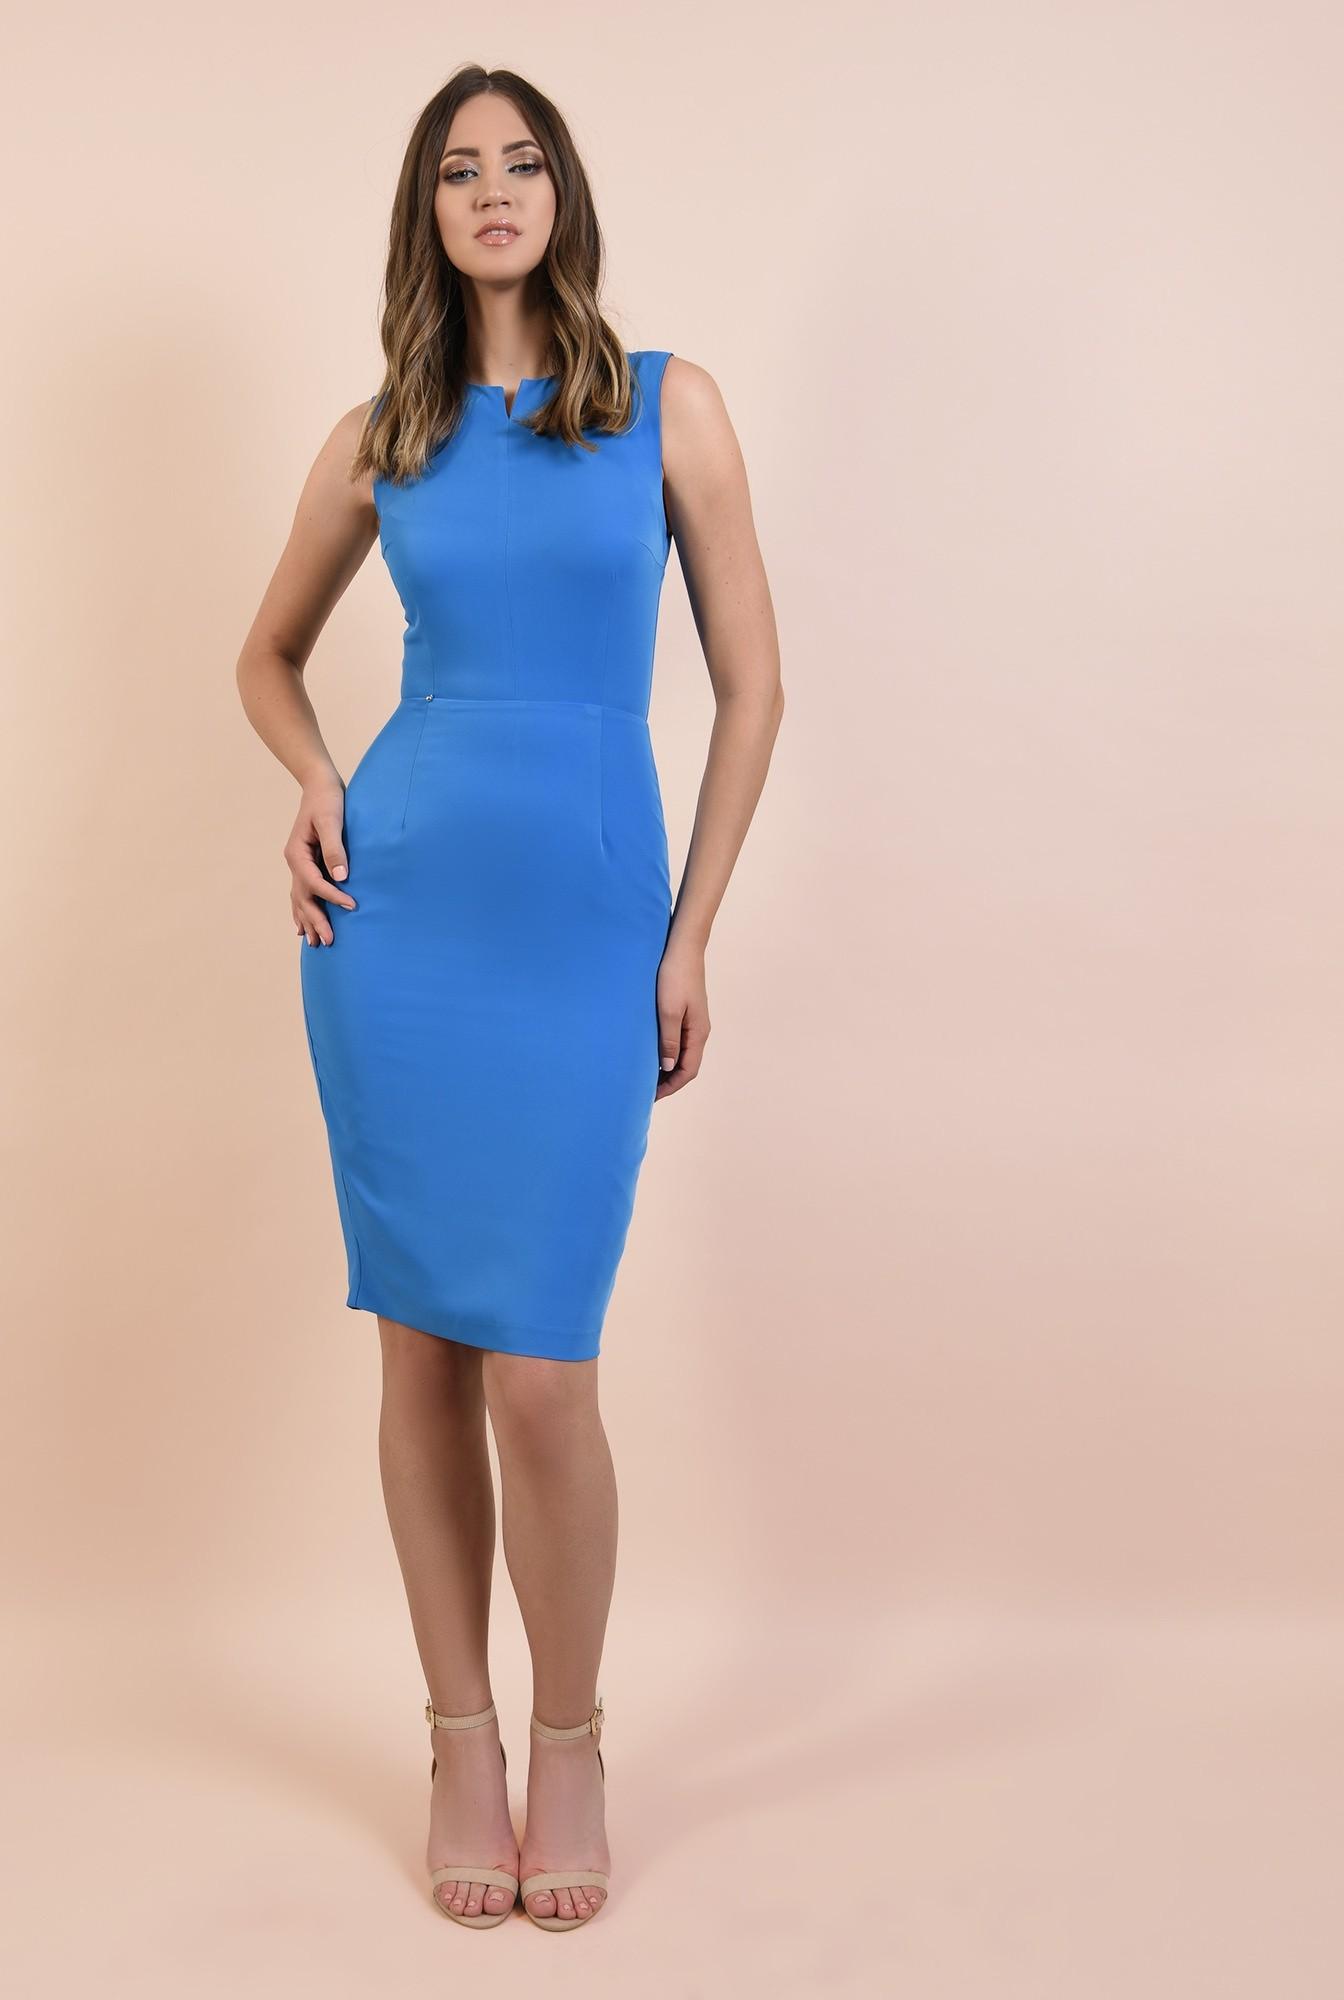 3 - rochie office, albastra, creion, cambrata, decolteu cu fenta, cusatura in talie